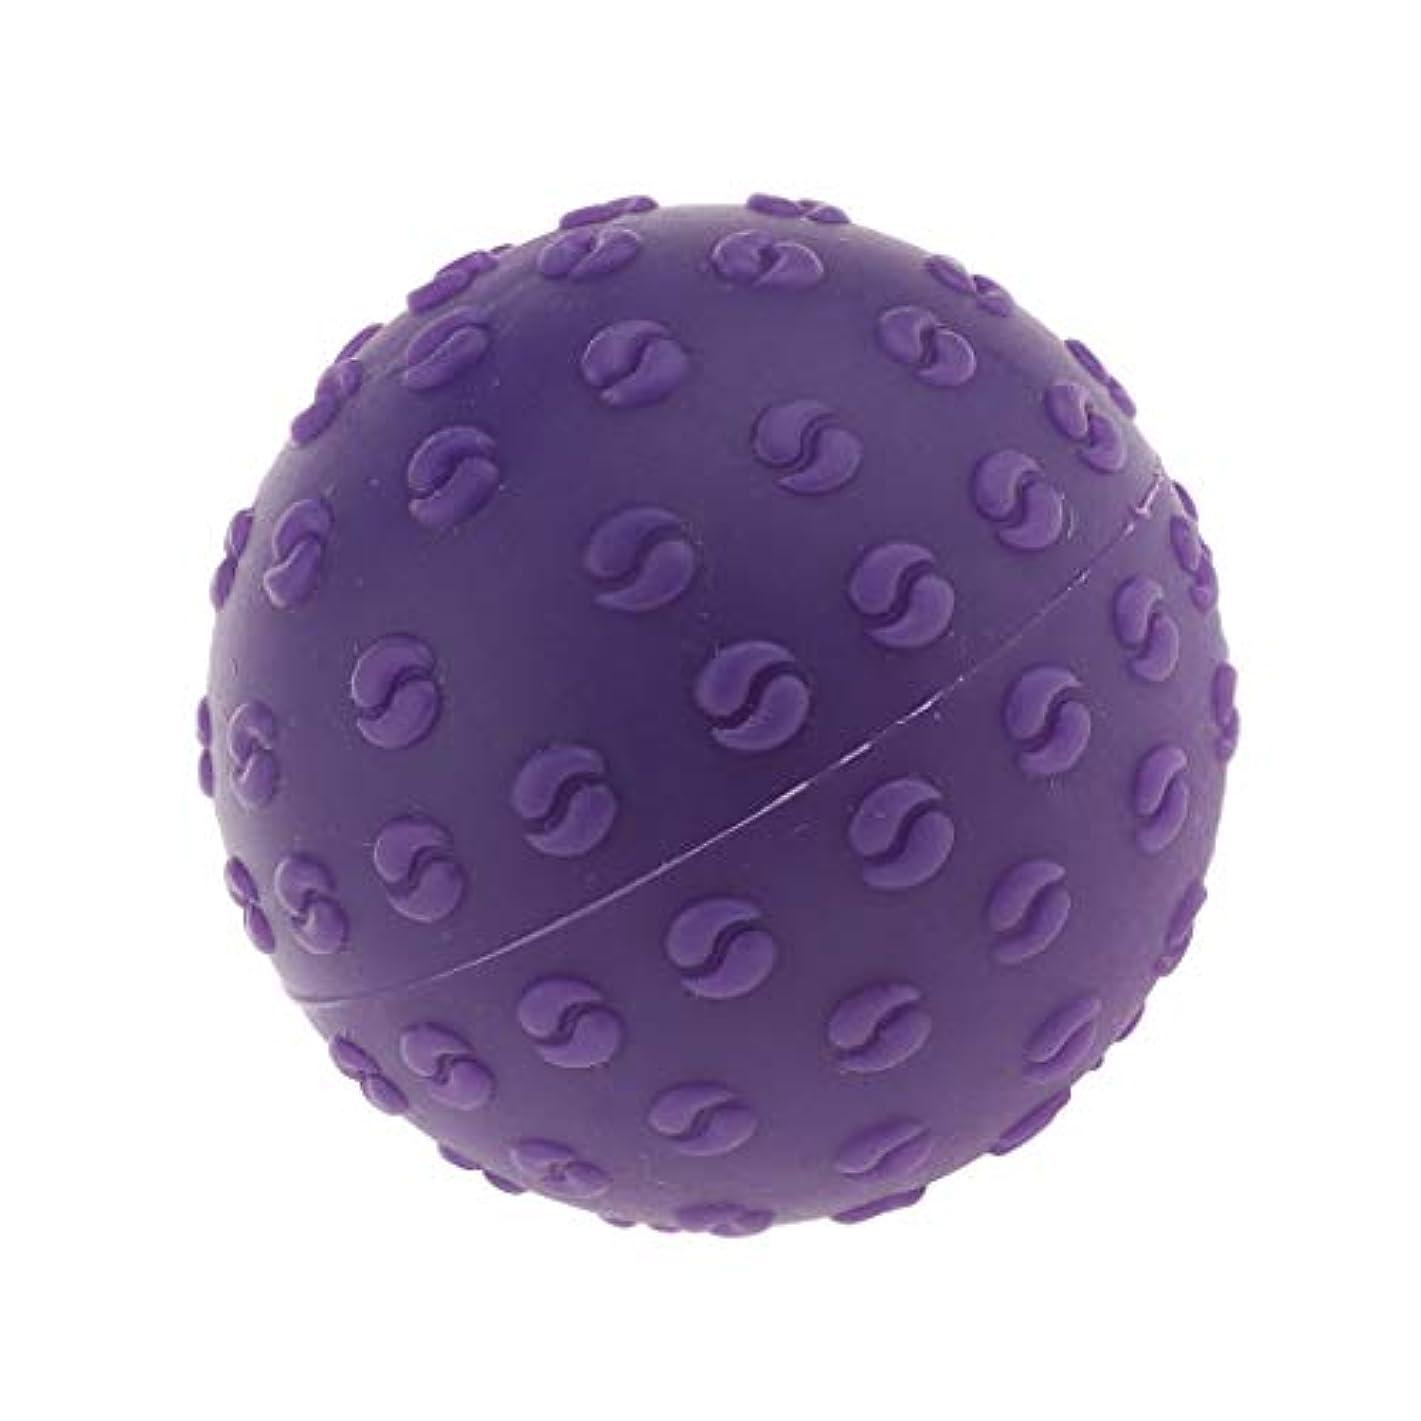 勝つ内陸修道院CUTICATE マッサージボール 指圧ボール シリコーン トリガーポイント 足底筋膜炎 ヨガ マッサージ器 全6色 - 紫, 説明のとおり